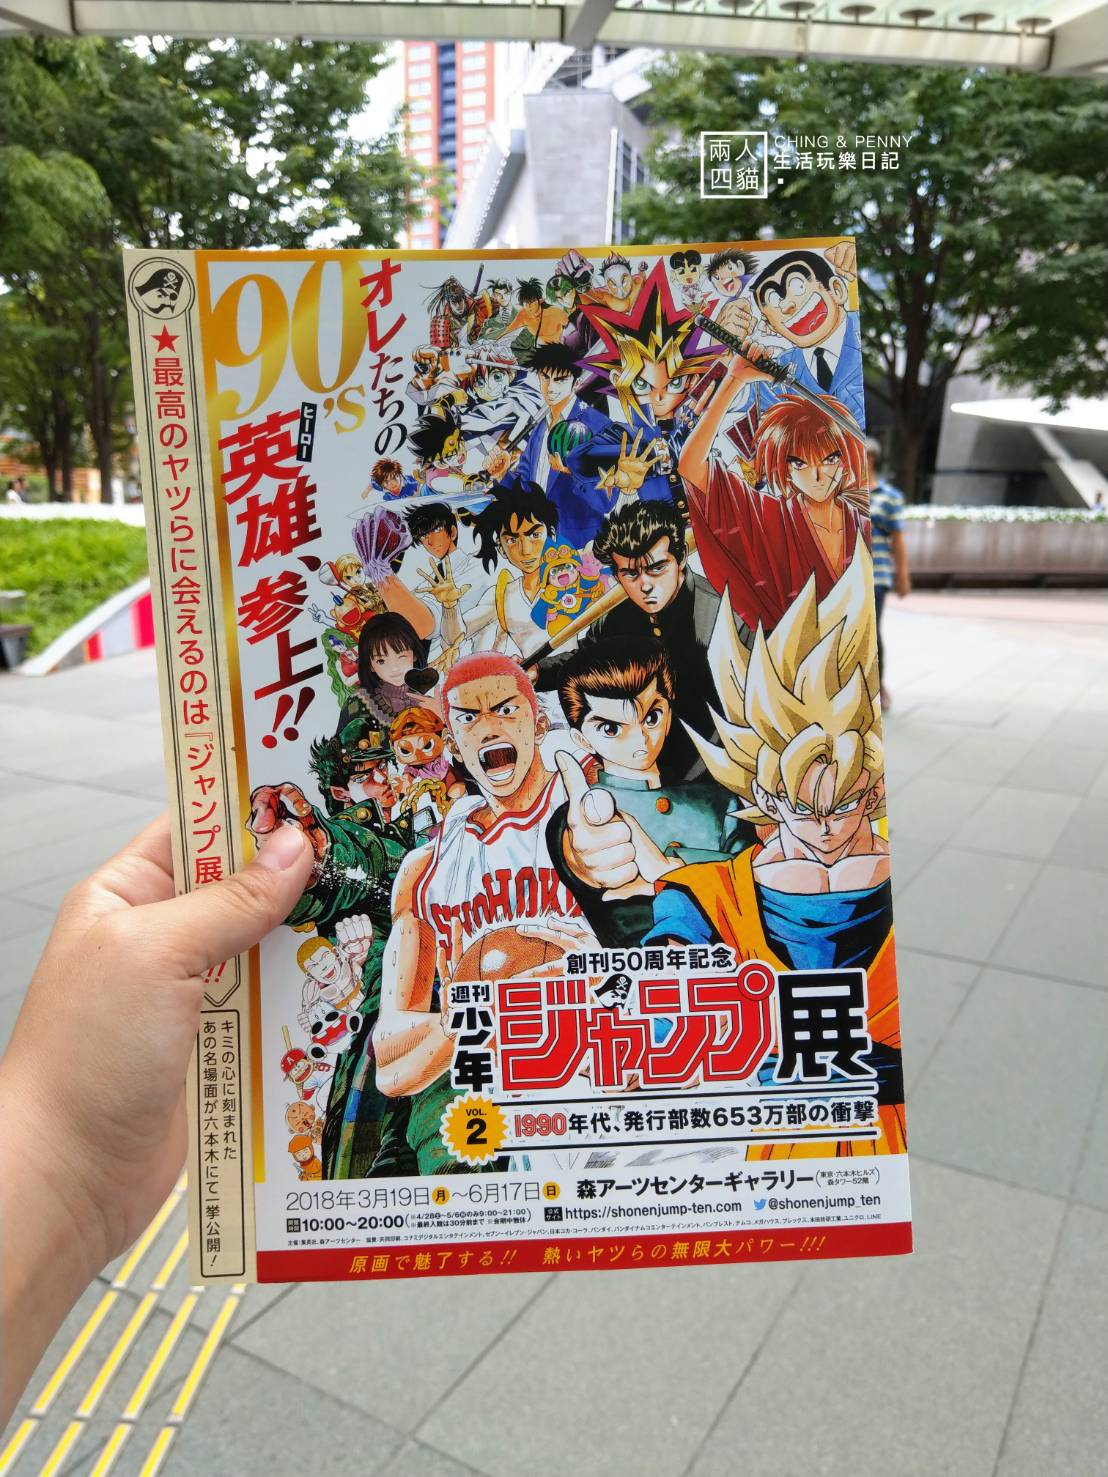 【東京|旅遊】創刊50周年記念 少年ジャンプ展(Jump展)第二季 七龍珠菓子開箱!+第三季資訊